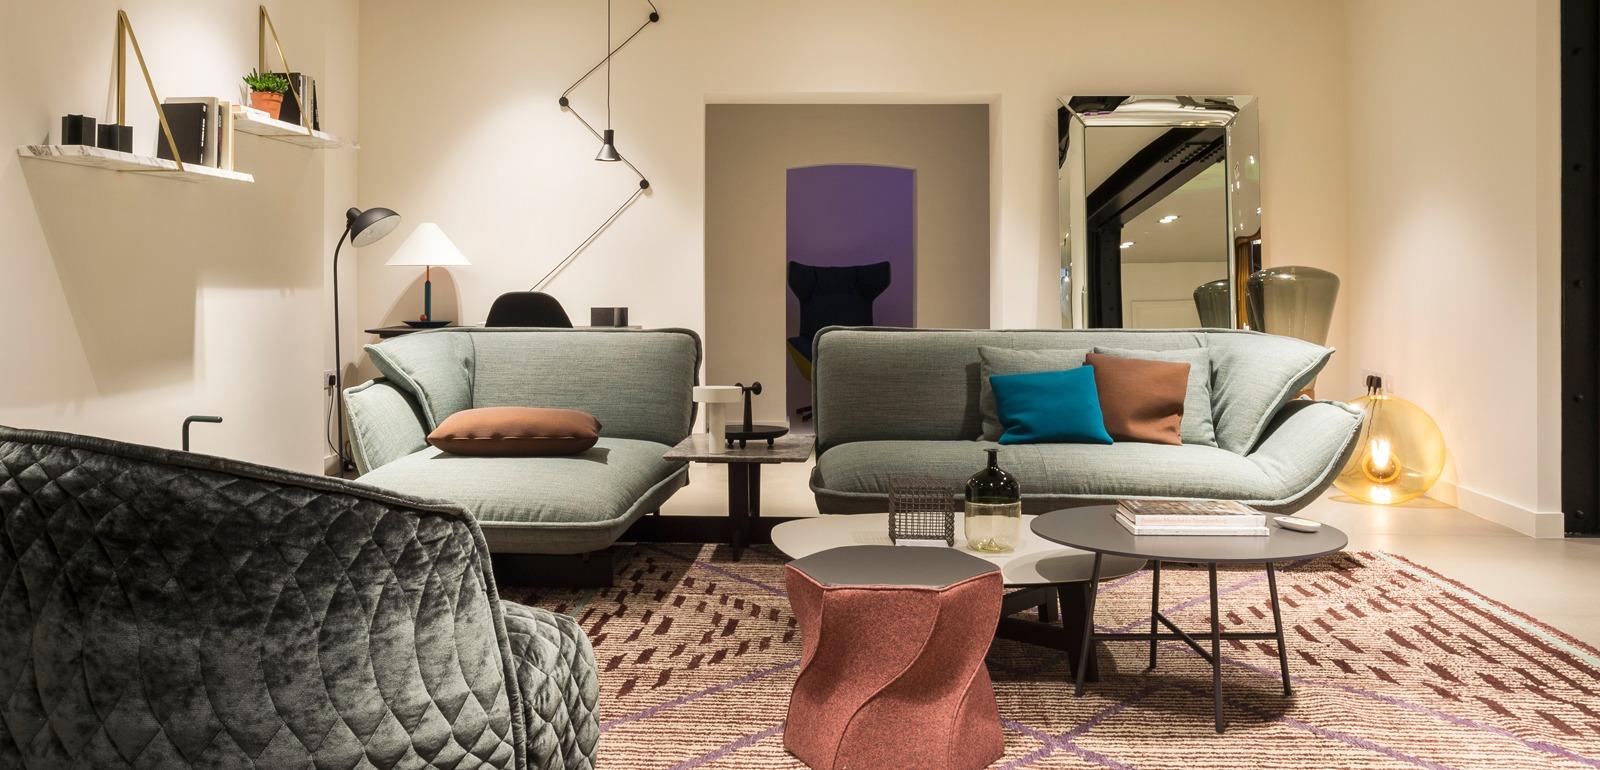 magasin mobilier design londres silvera london. Black Bedroom Furniture Sets. Home Design Ideas